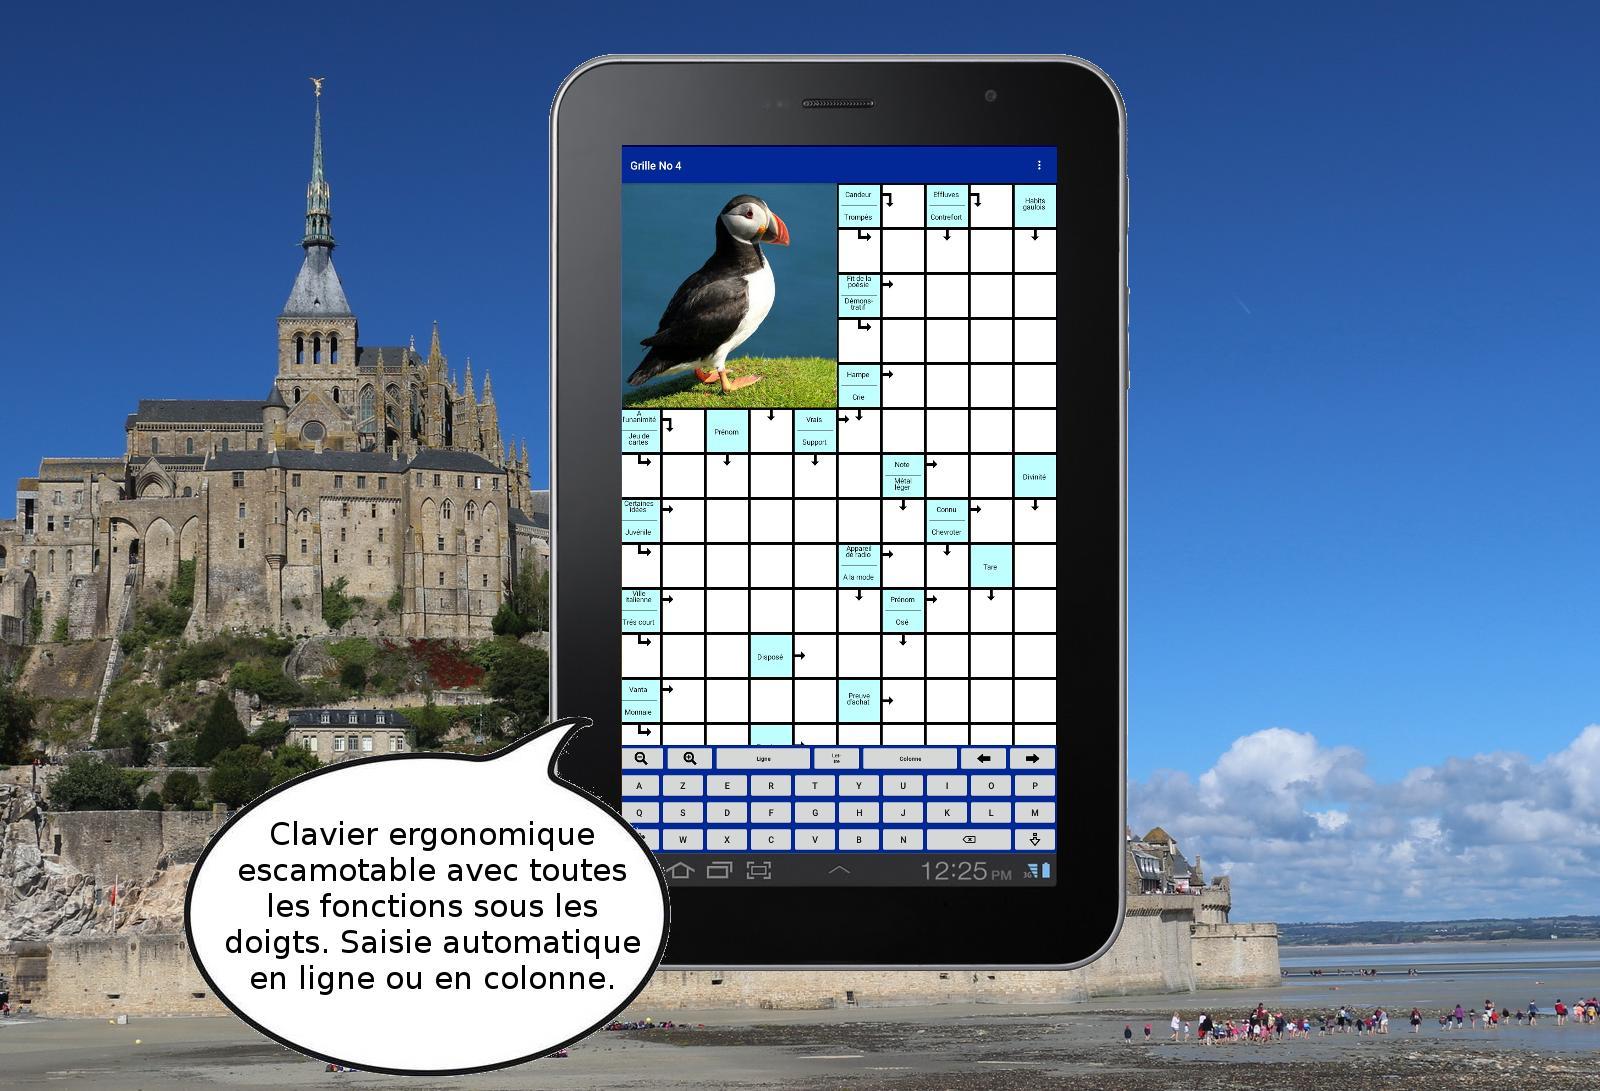 Mots Fléchés Illustrés For Android - Apk Download concernant Mot Fleché En Ligne